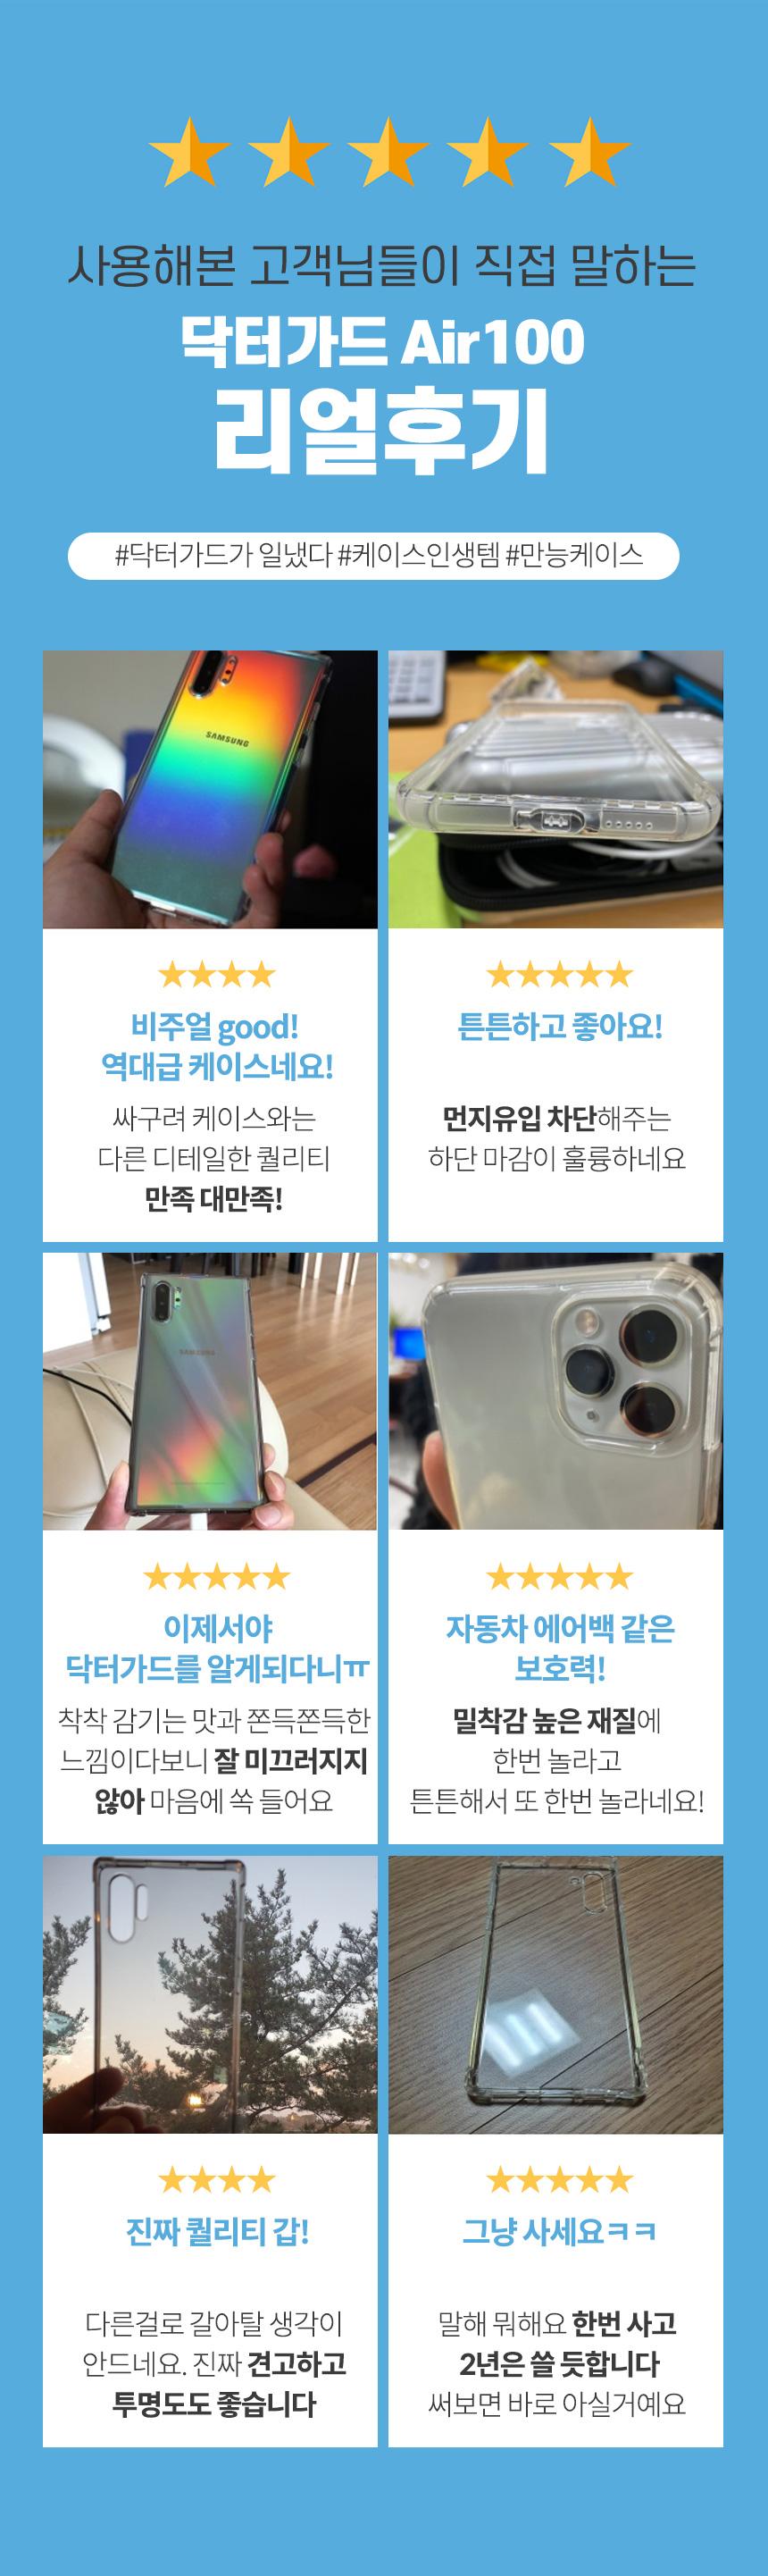 닥터가드 슈퍼글라스 강화유리케이스 아이폰11 PRO MAX 아이폰X MAX XR 갤럭시S10 E + 플러스 갤럭시노트10 + - 제네시스, 21,100원, 케이스, 아이폰 11 Pro MAX